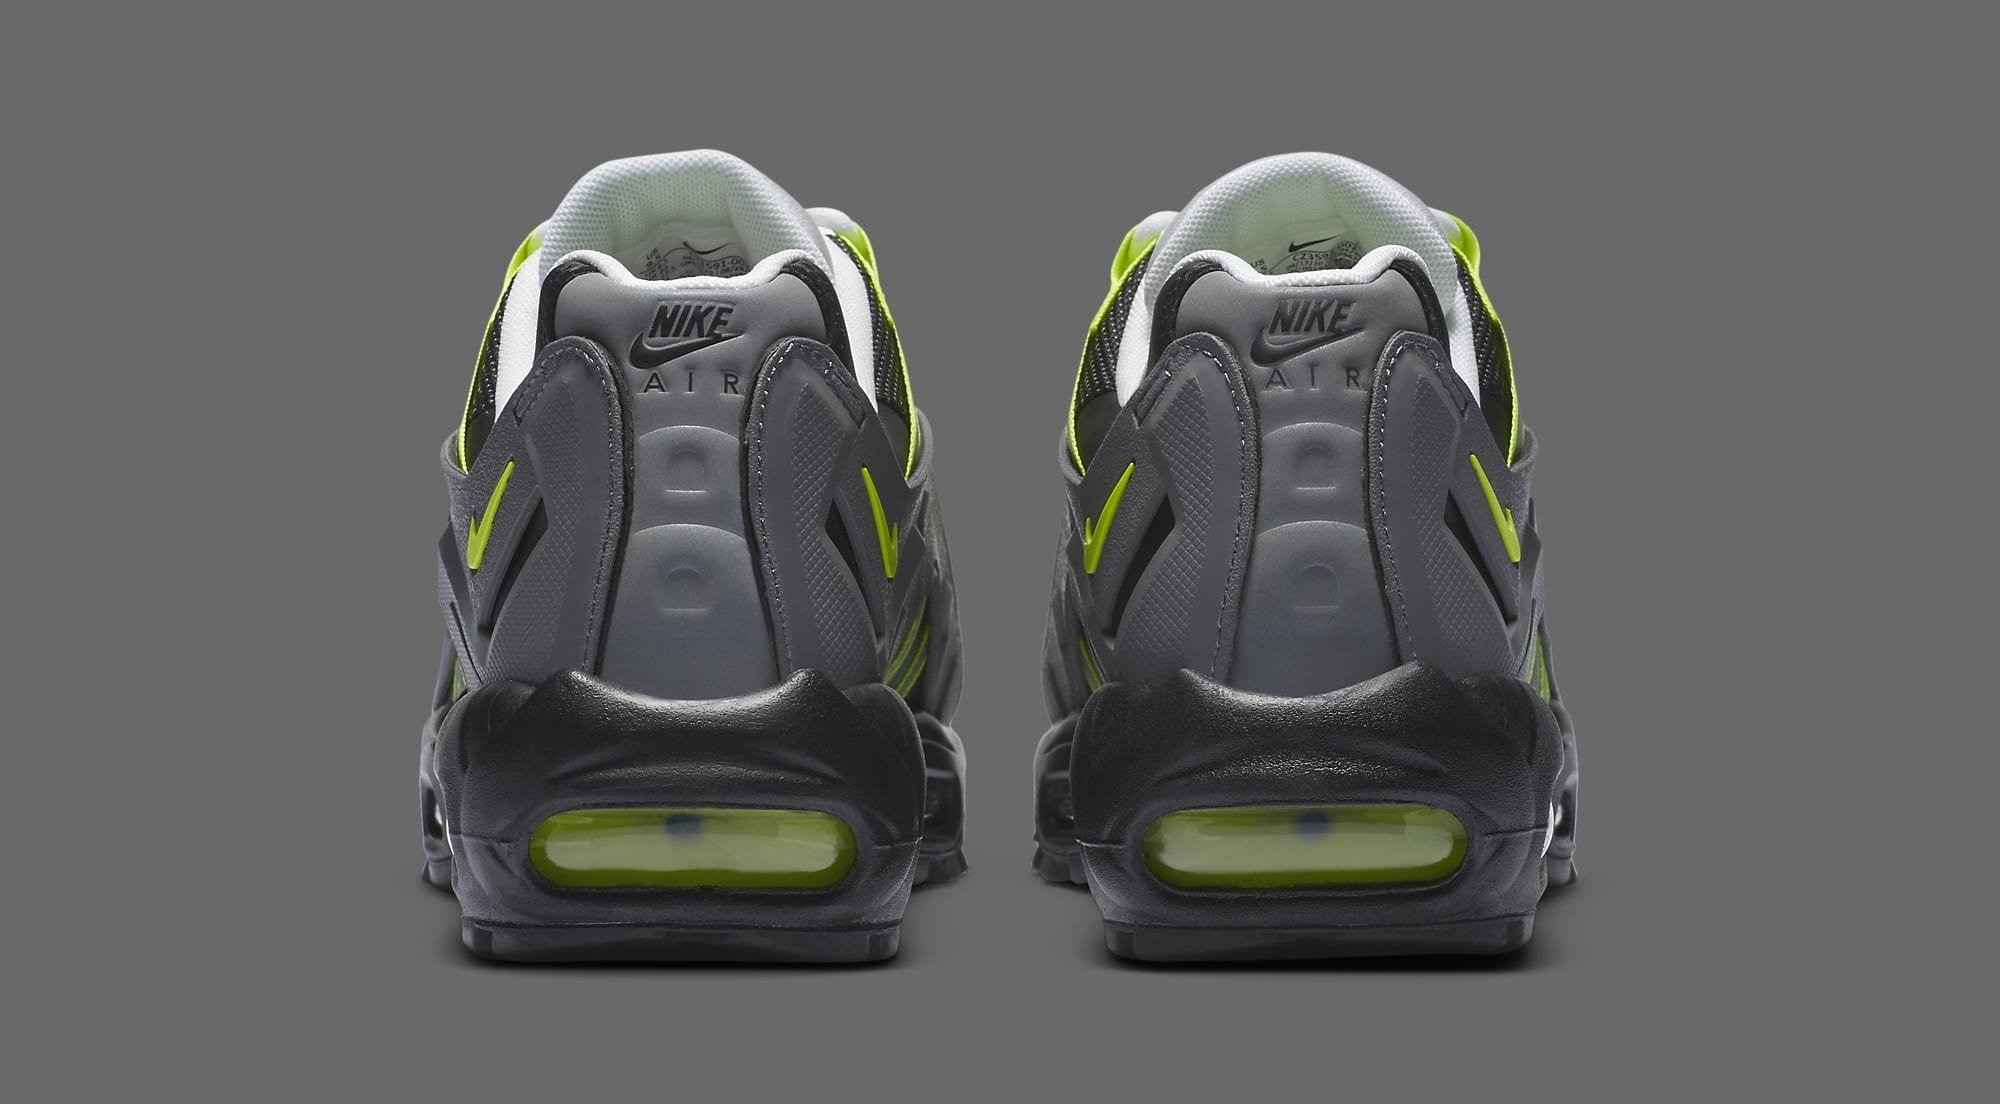 Nike Air Max 95 NDSTRKT 'Neon' CZ3591-002 Heel